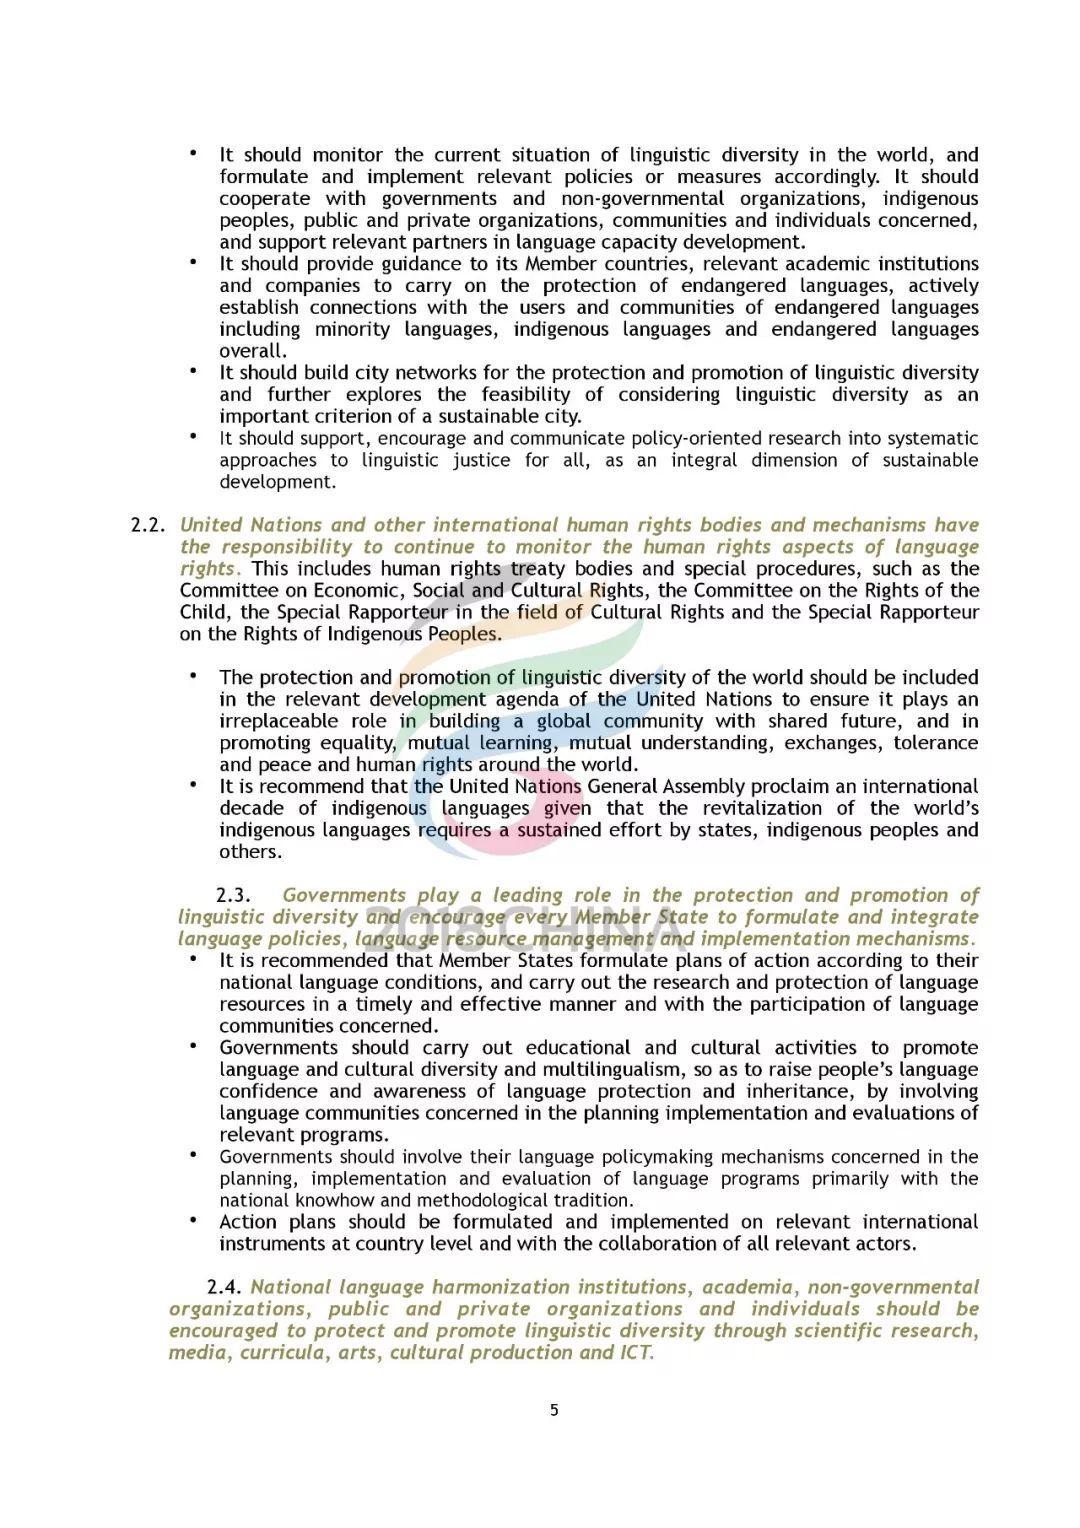 《岳麓宣言》发布,附中英文全文 | 联合国致力于保护和促进语言多样性